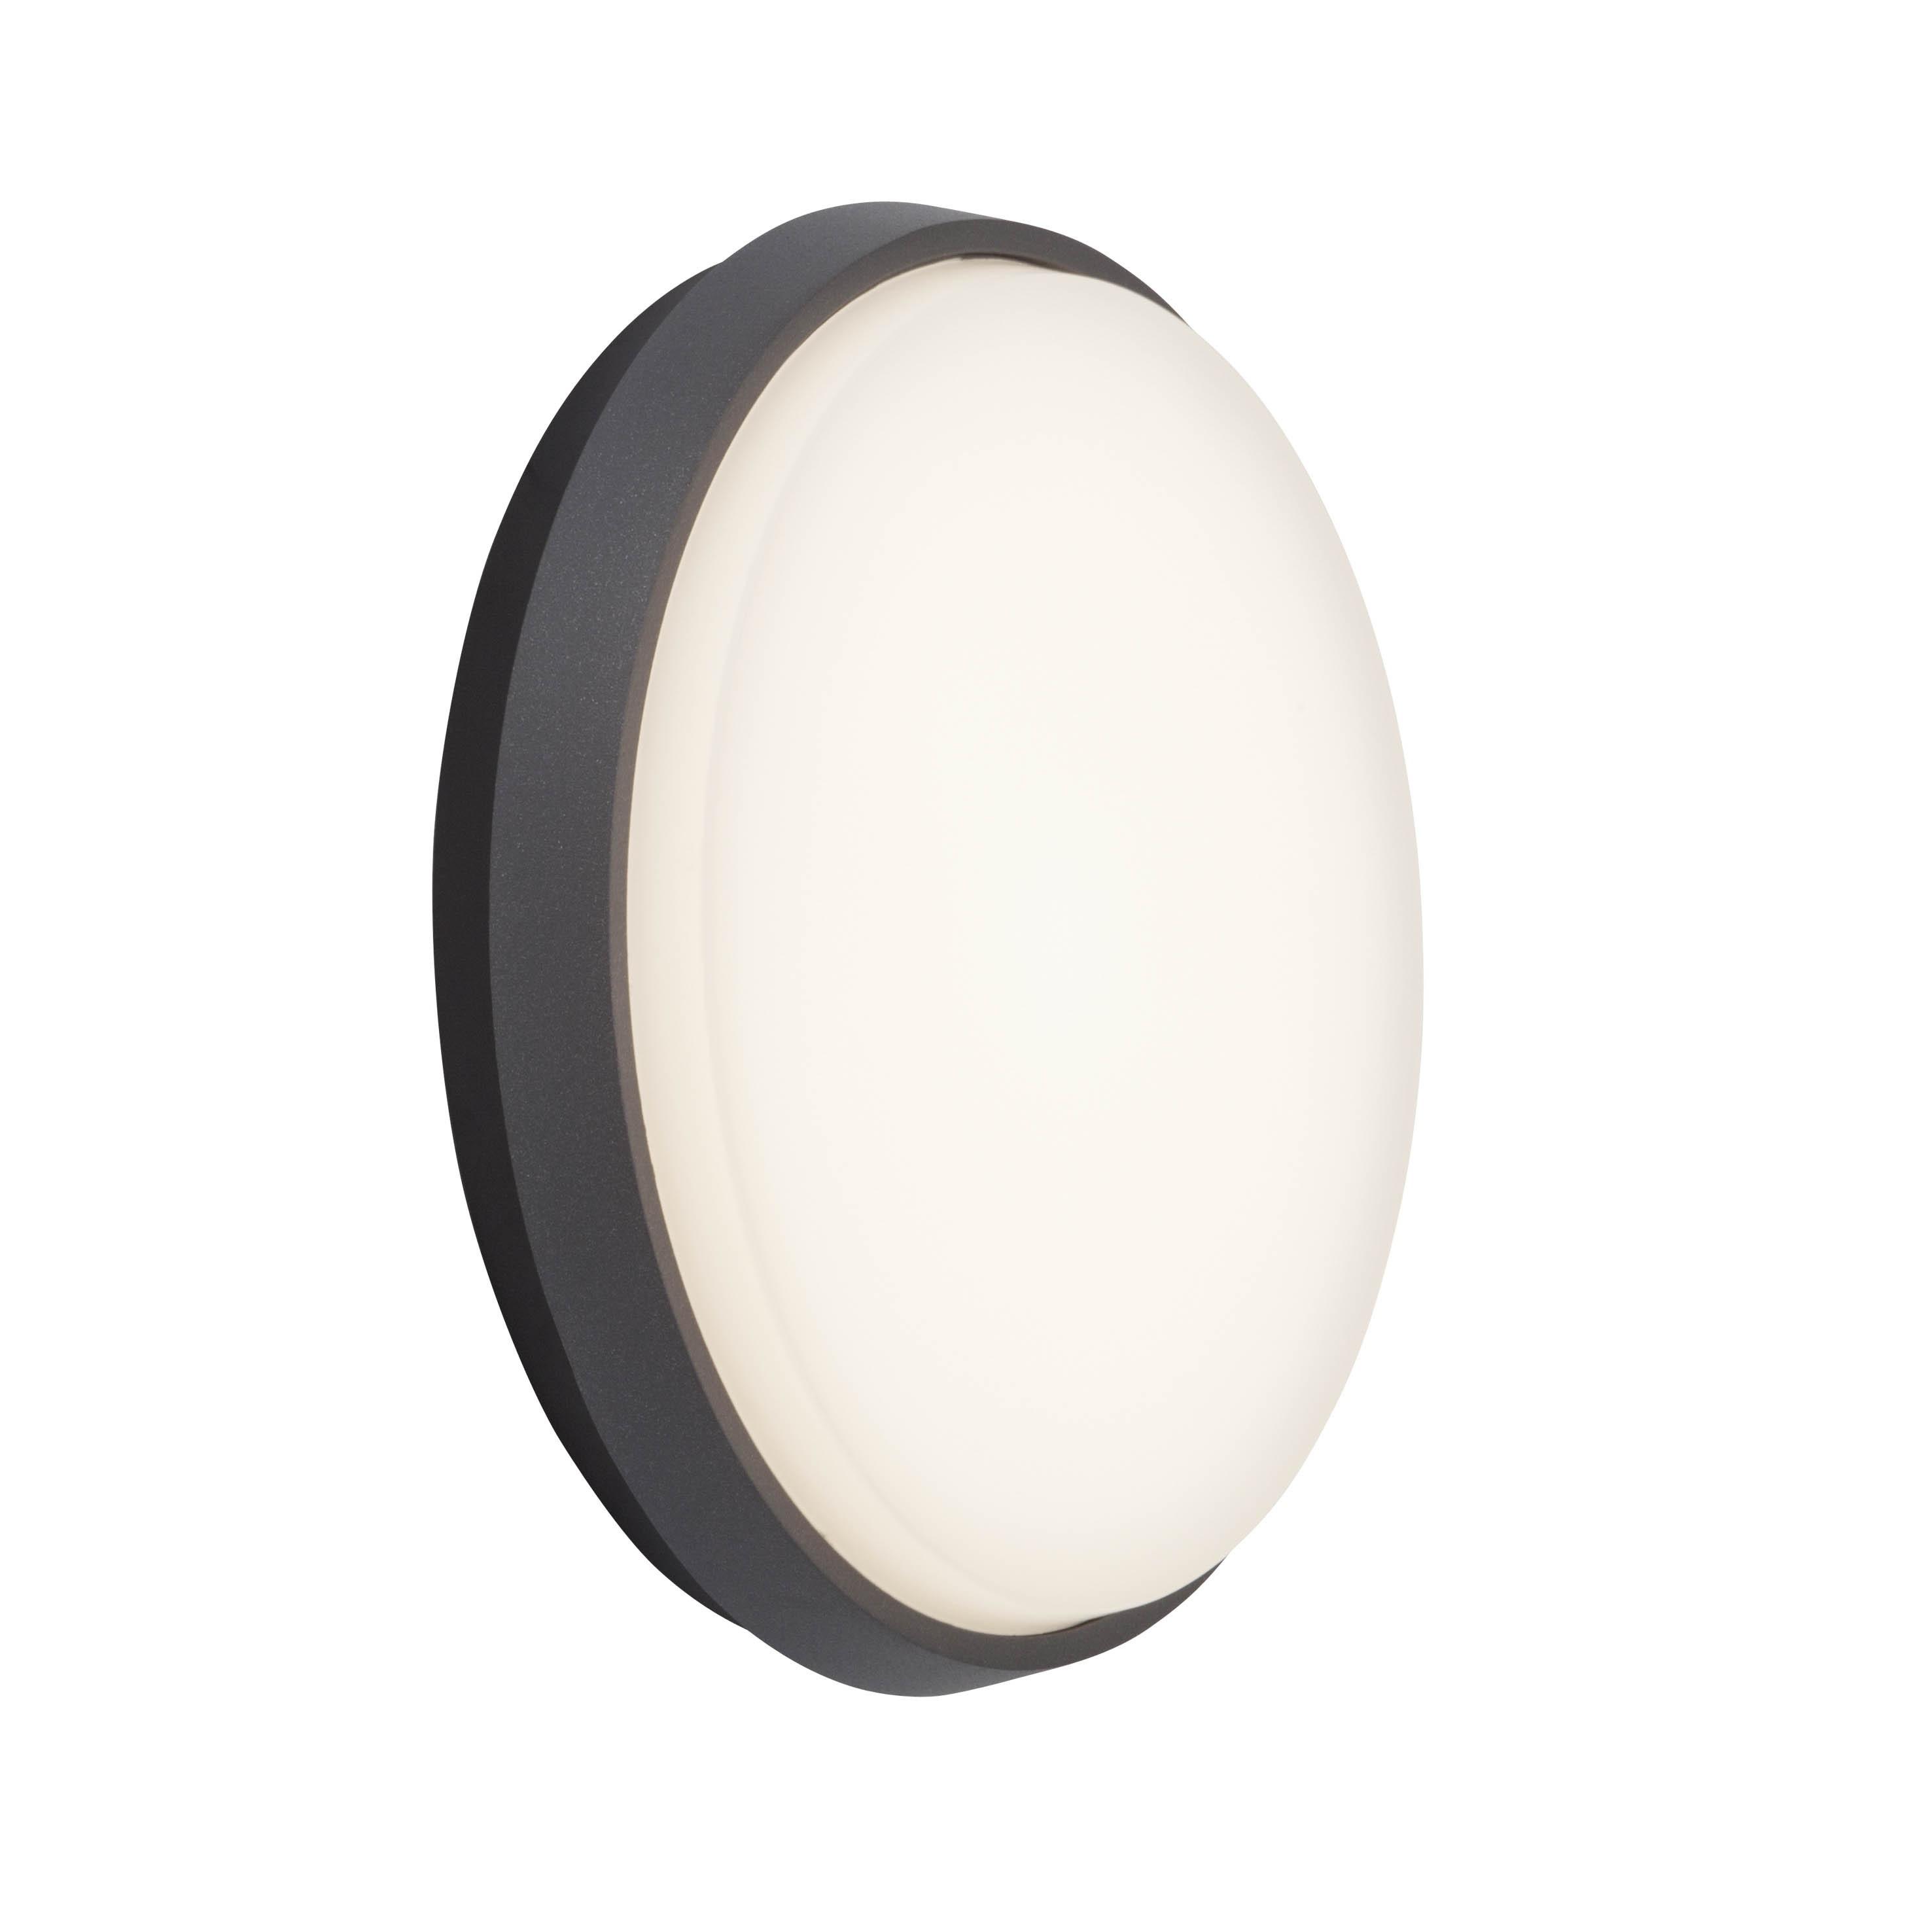 AEG Letan LED Außenwand- und Deckenleuchte 24cm anthrazit/weiß